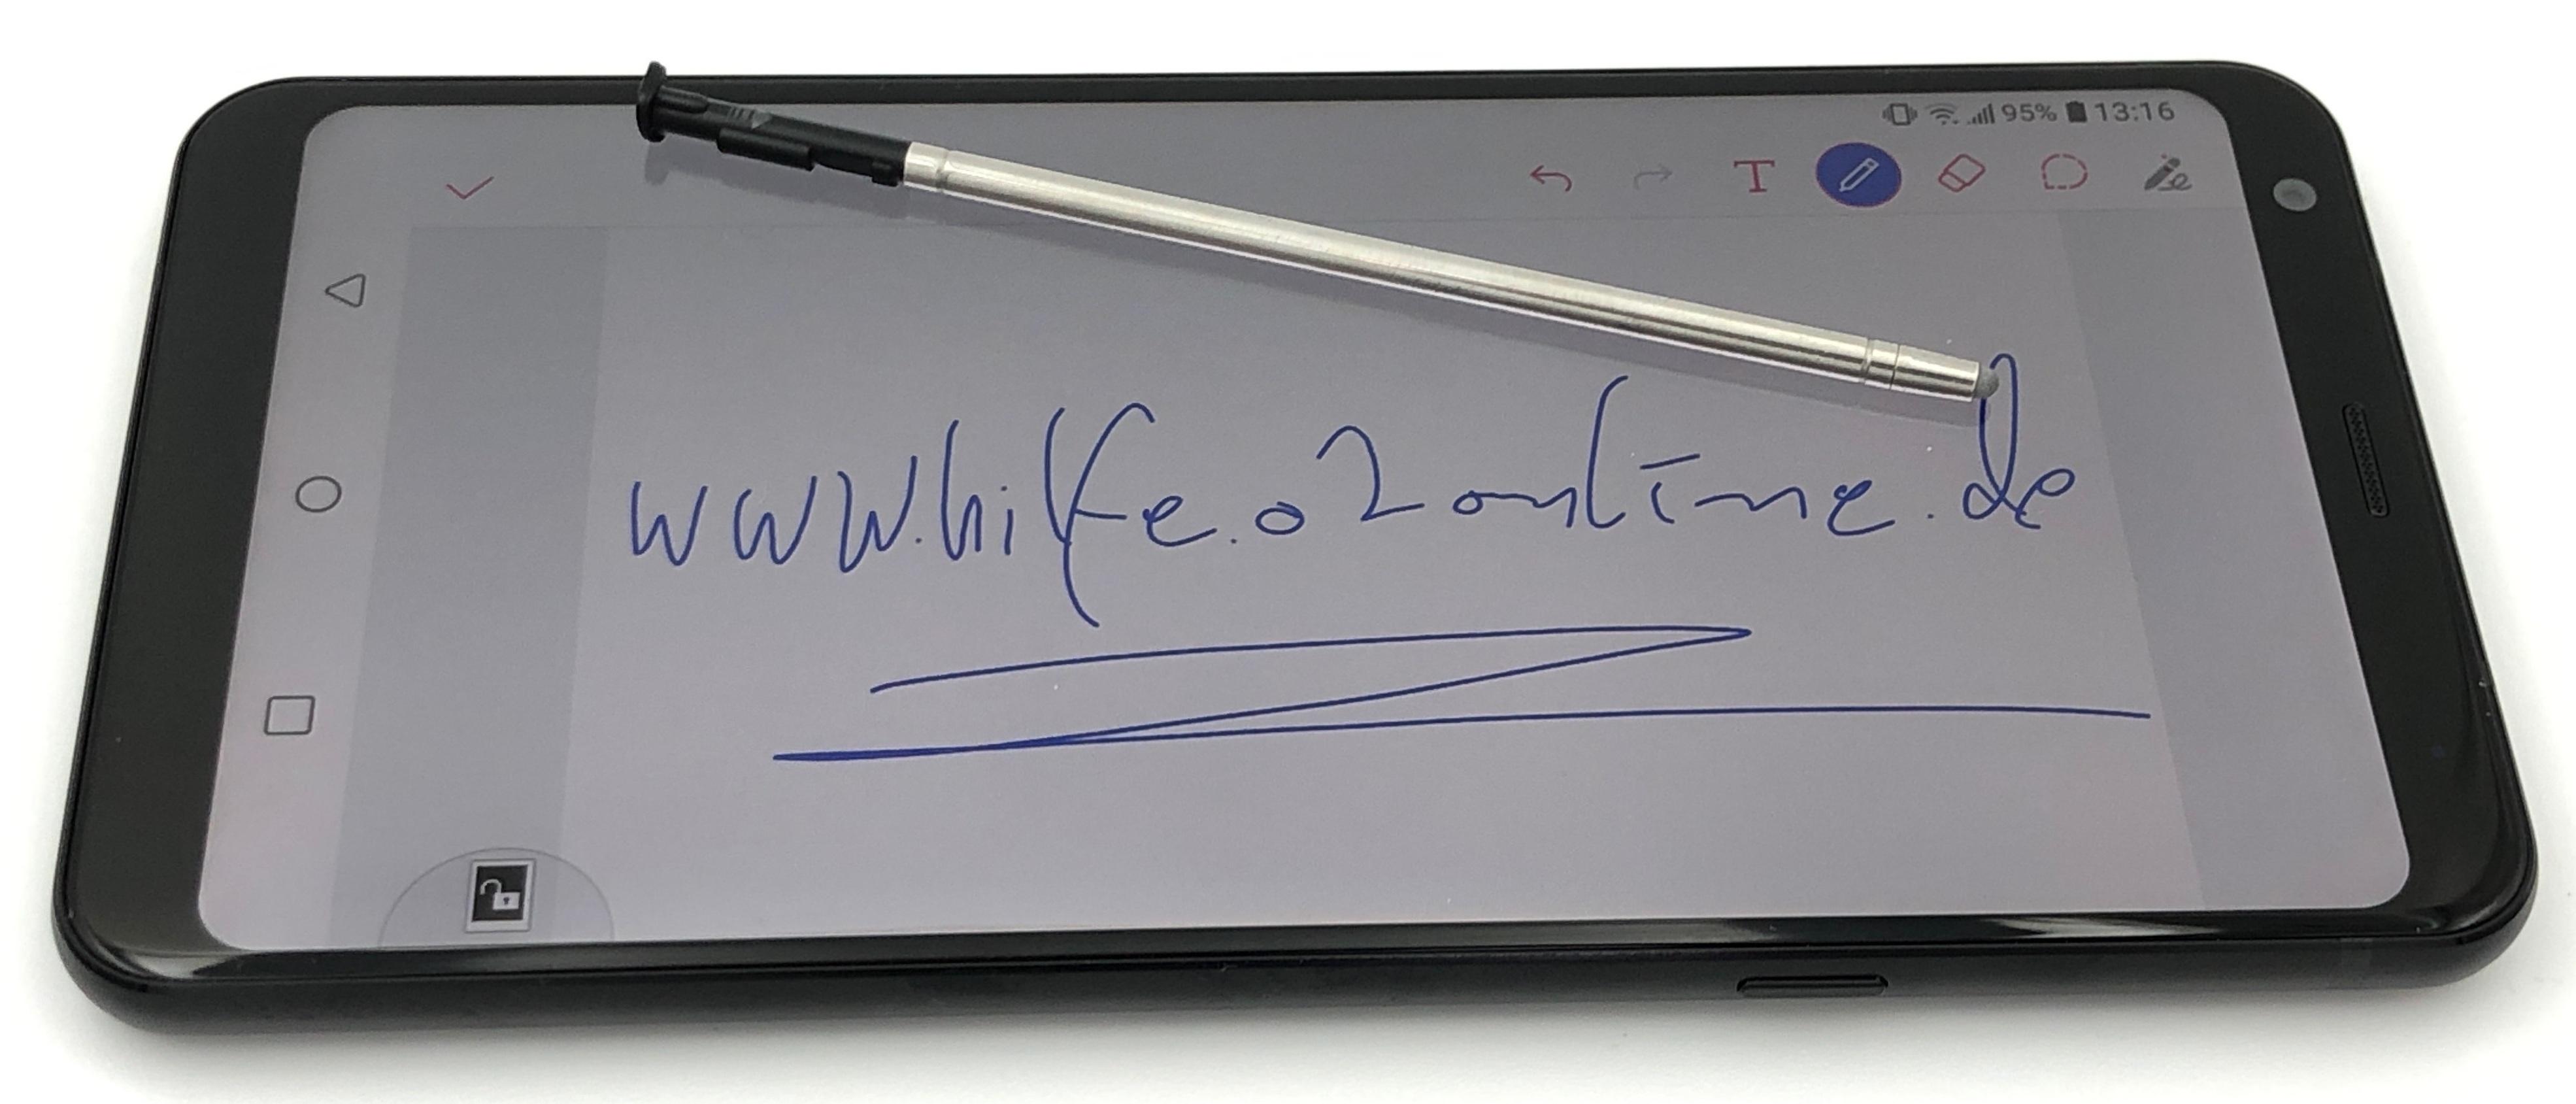 Testgerät LG Q Stylus